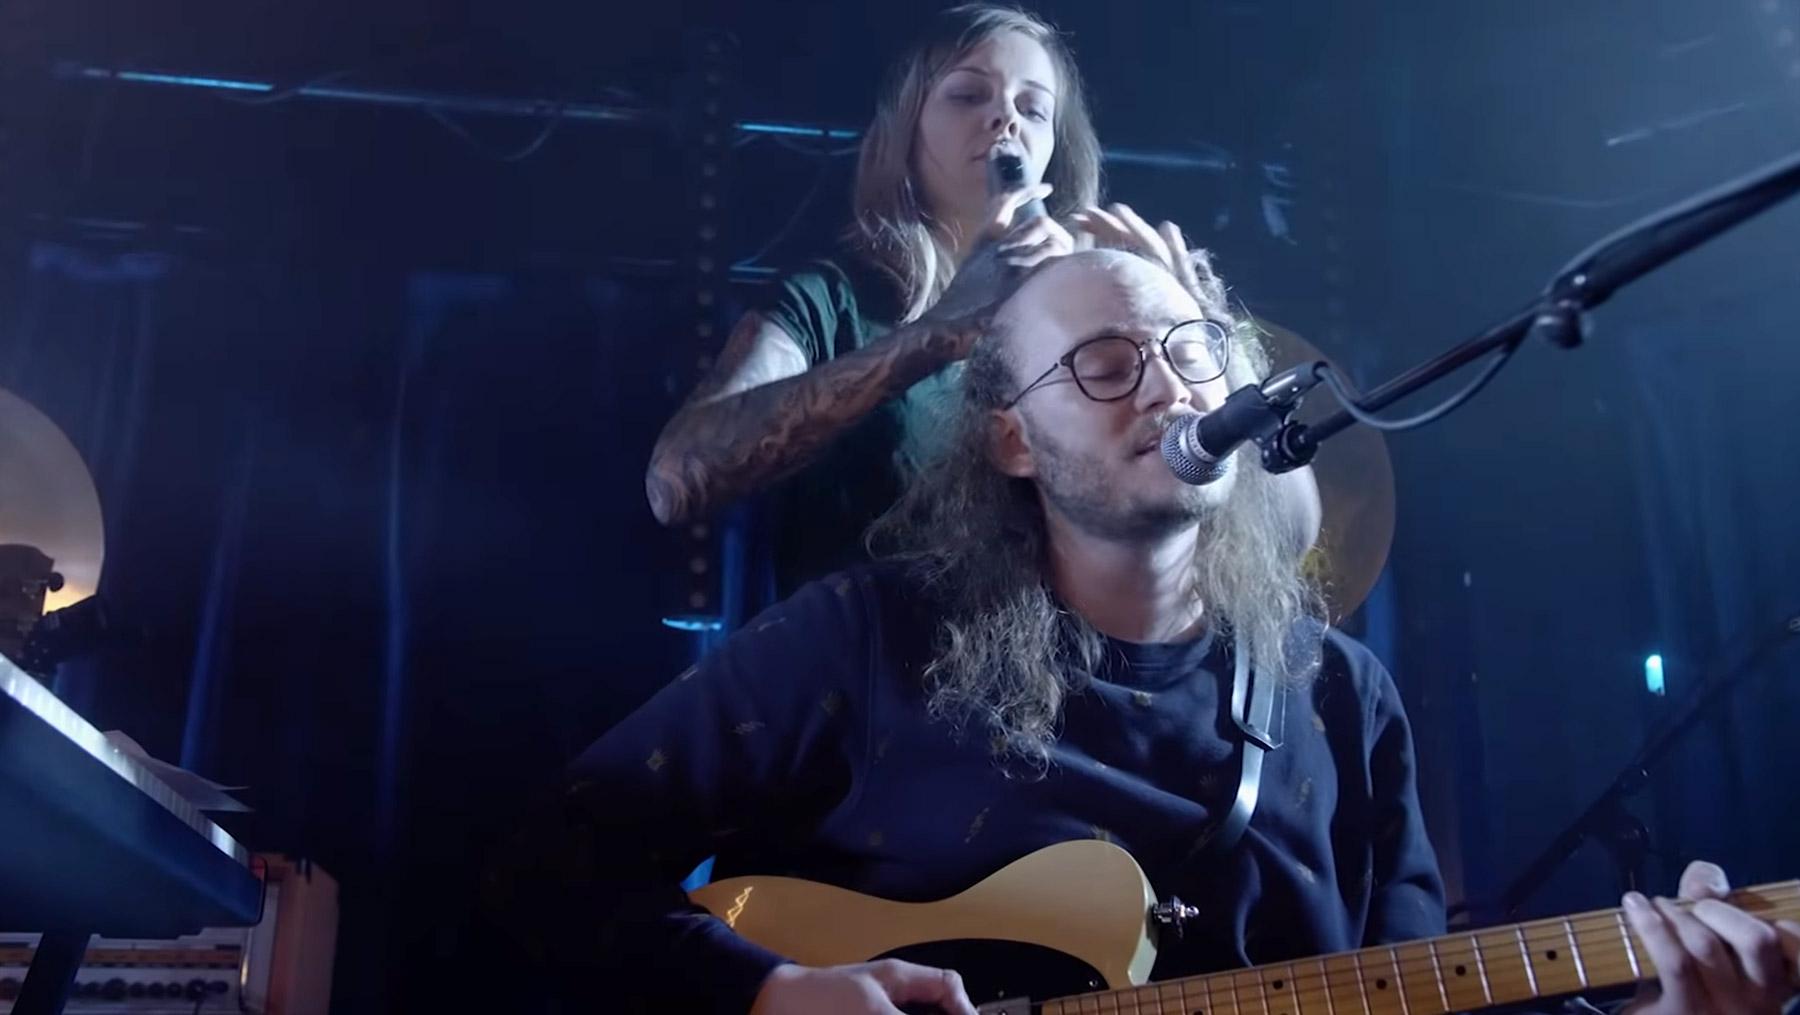 Jo Stöckholzer lässt sich während des Konzerts eine Glatze schneiden Jo-Stoeckholzer_Veraenderung